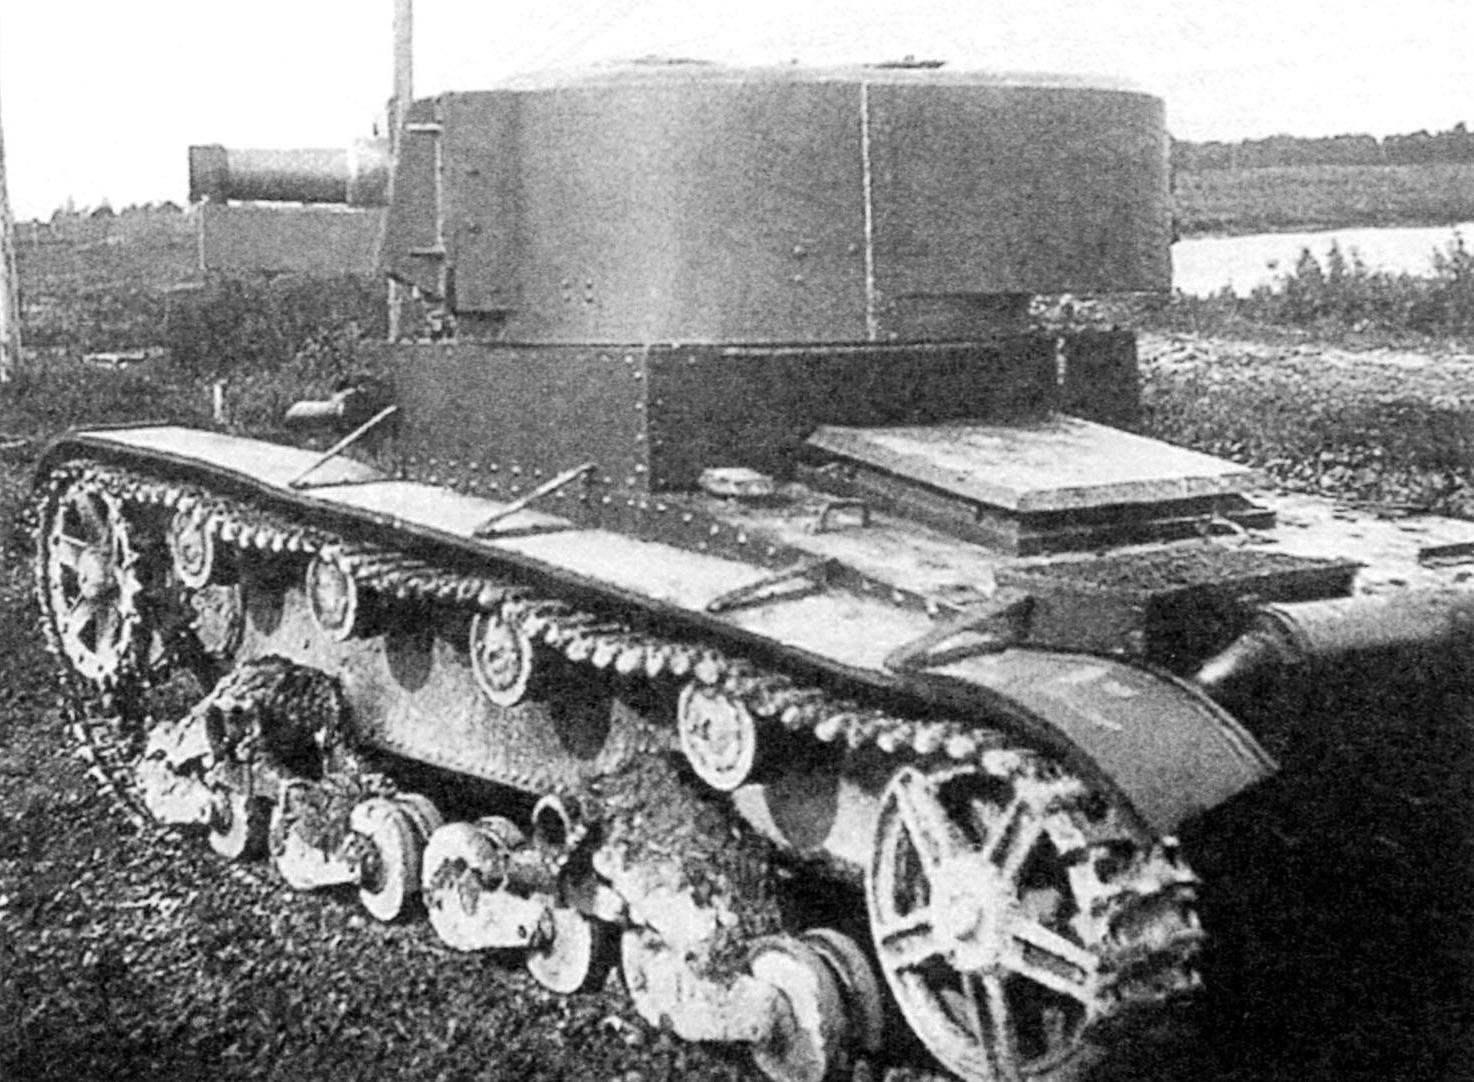 Вариант артиллерийского танка под индексом Т-26-4 с башней увеличенного объёма также под 76,2-мм пушку